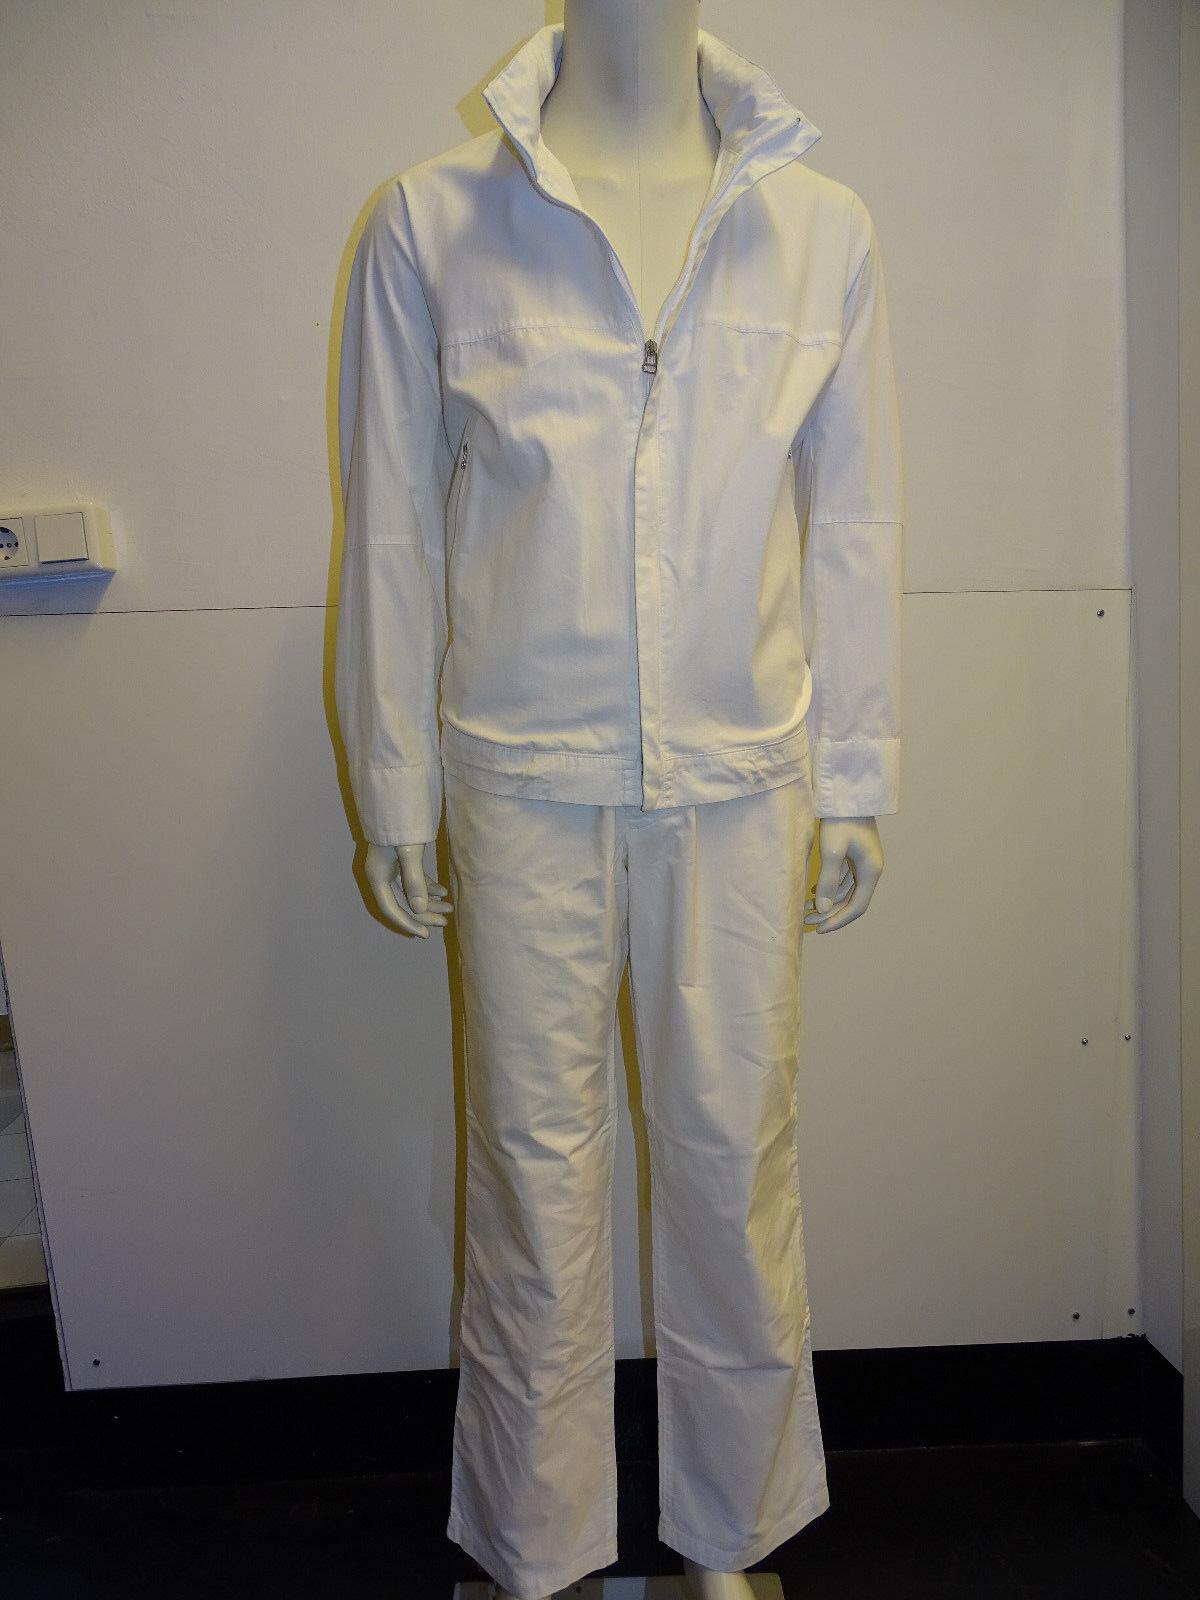 BOSS BOSS BOSS arancia per il tempo libero combinazione di Giacca e Pantaloni-Bianco-Tg. 50-REG. 320 ccf4a8